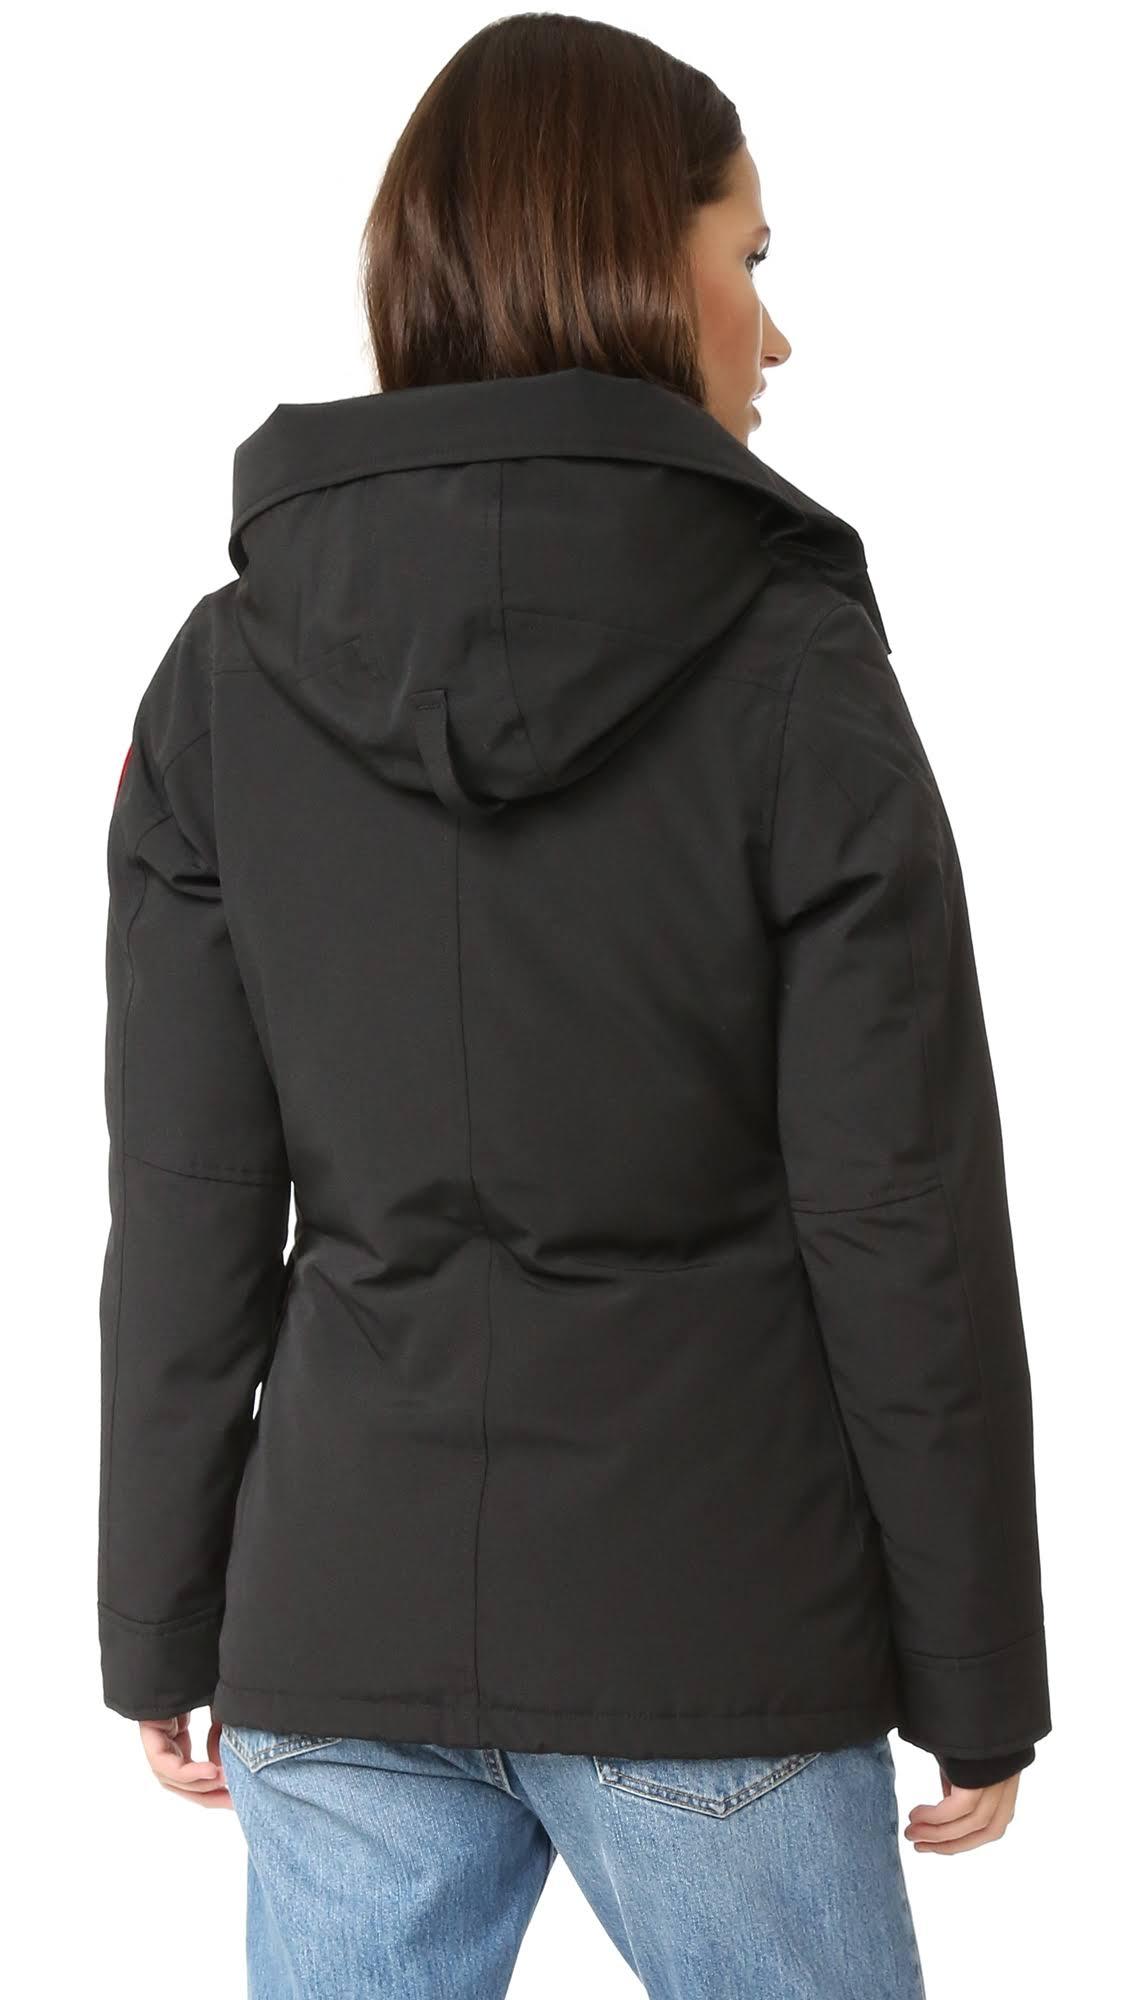 En Mediana Rideau Mujer Parka De Down Goose Canada Tamaño Negro Para w0U7TqA